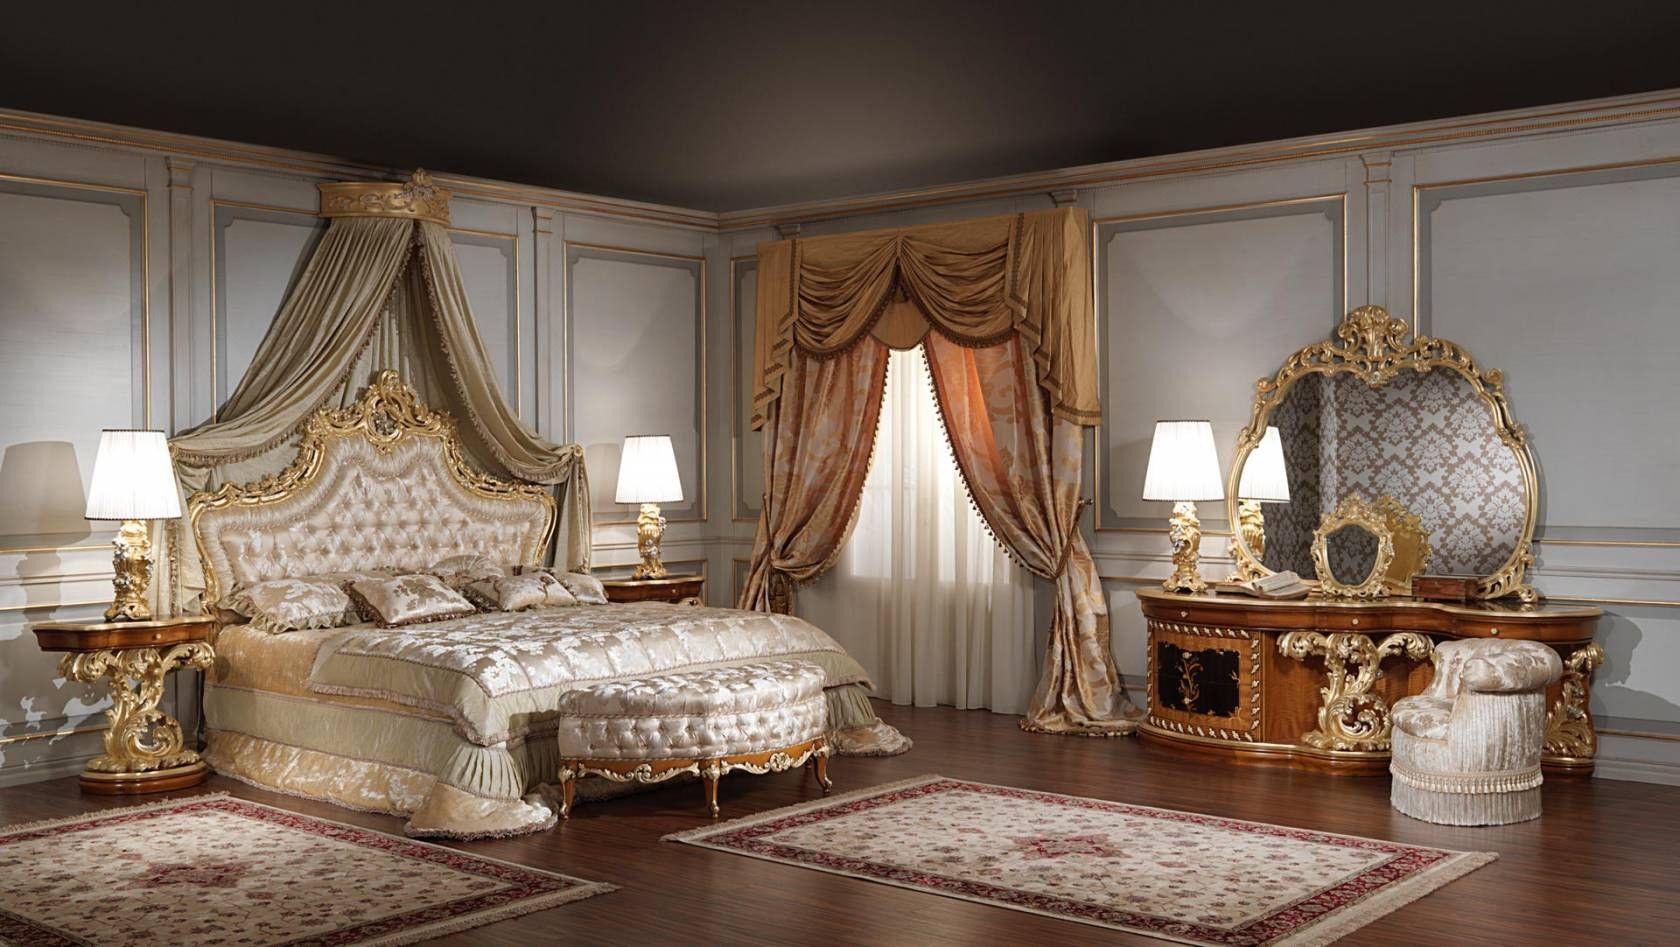 Luxury Classic Bedroom Roman Baroque Style Luxury Classic Night Tables Toilette Stanza Da Letto Classica Arredamento Casa Di Lusso Camere Da Letto Di Lusso